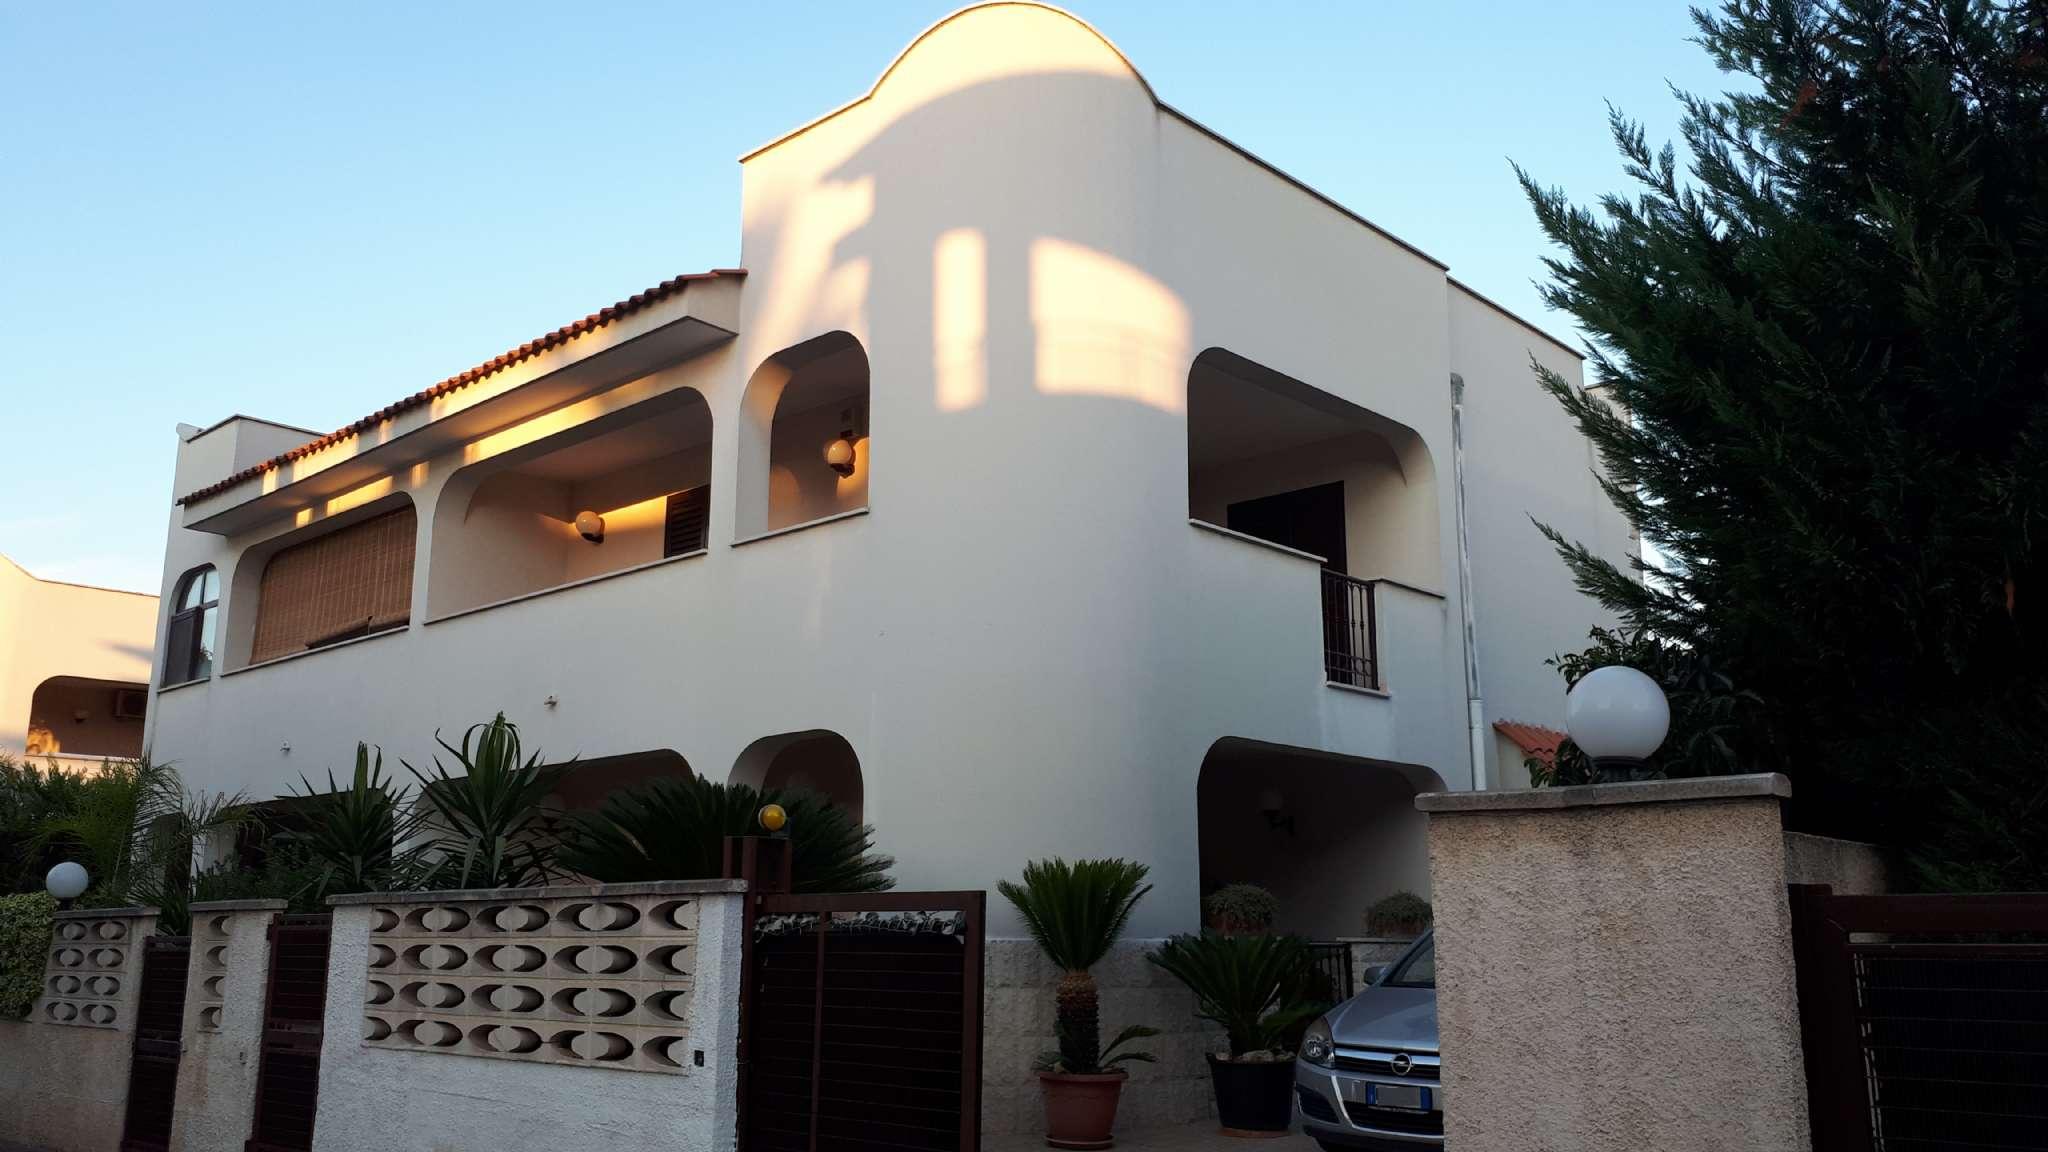 Agenzia Corso Immobiliare Bisceglie villa bisceglie vendita € 480.000 240 mq riscaldamento